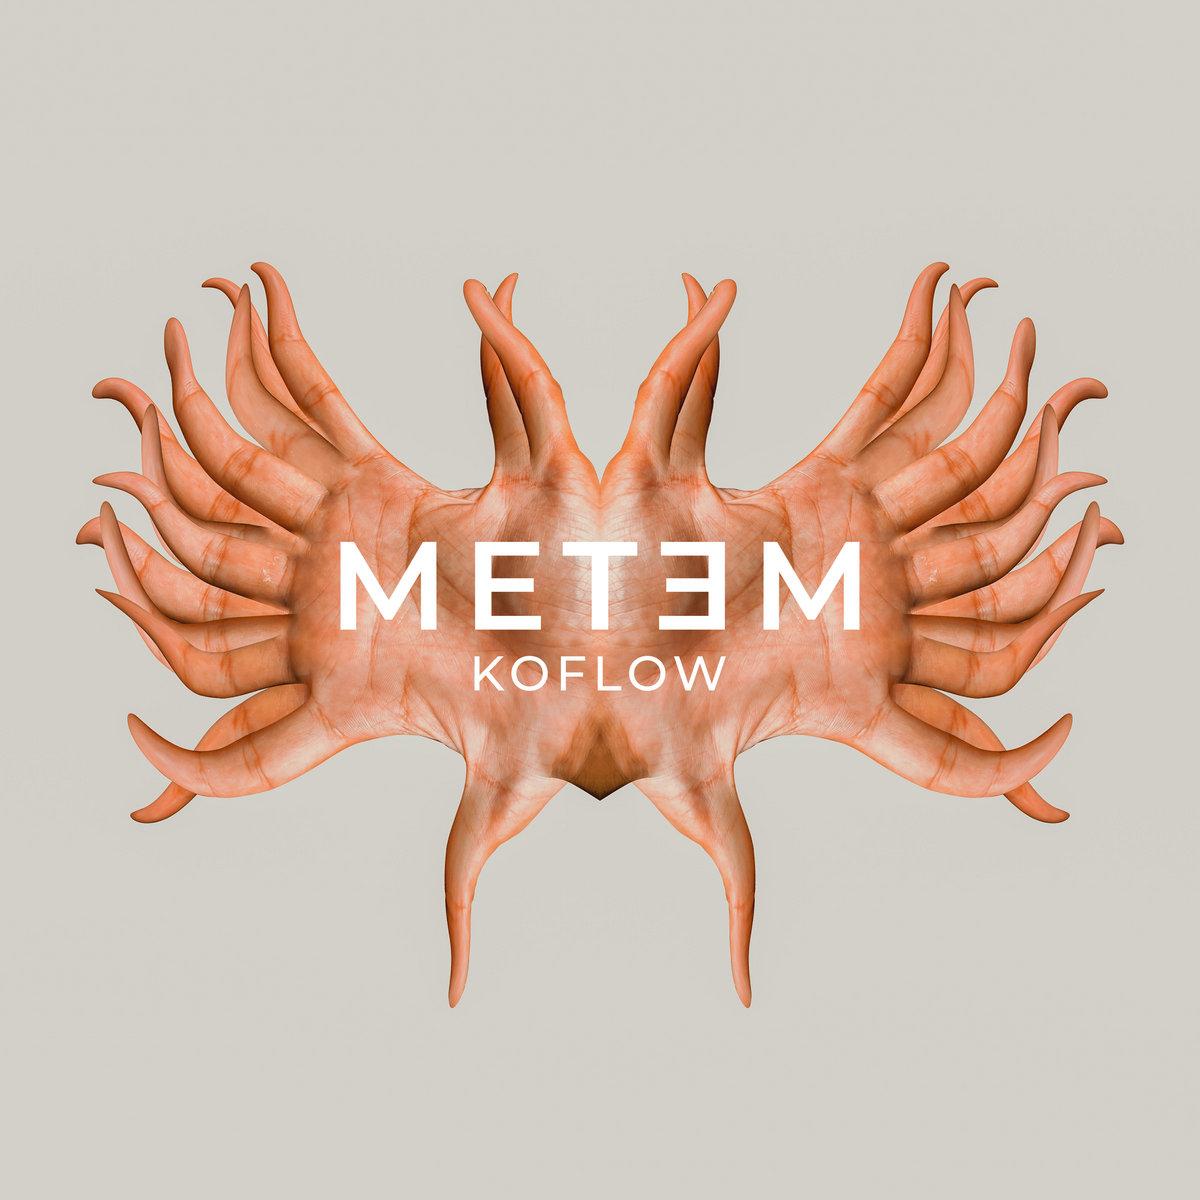 KoFlow - Metem